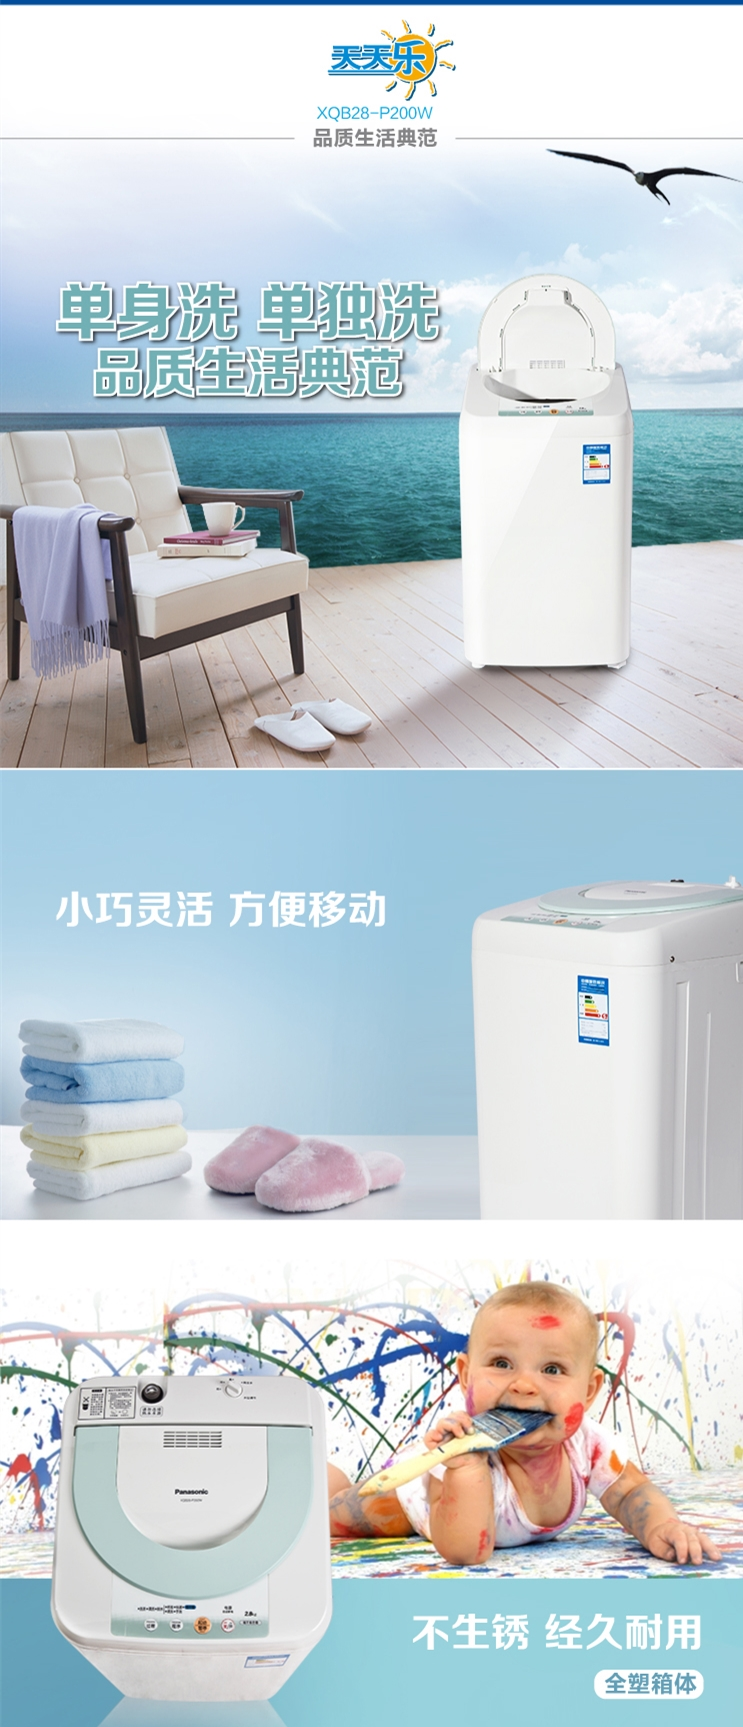 松下2.8洗衣机拆卸图解